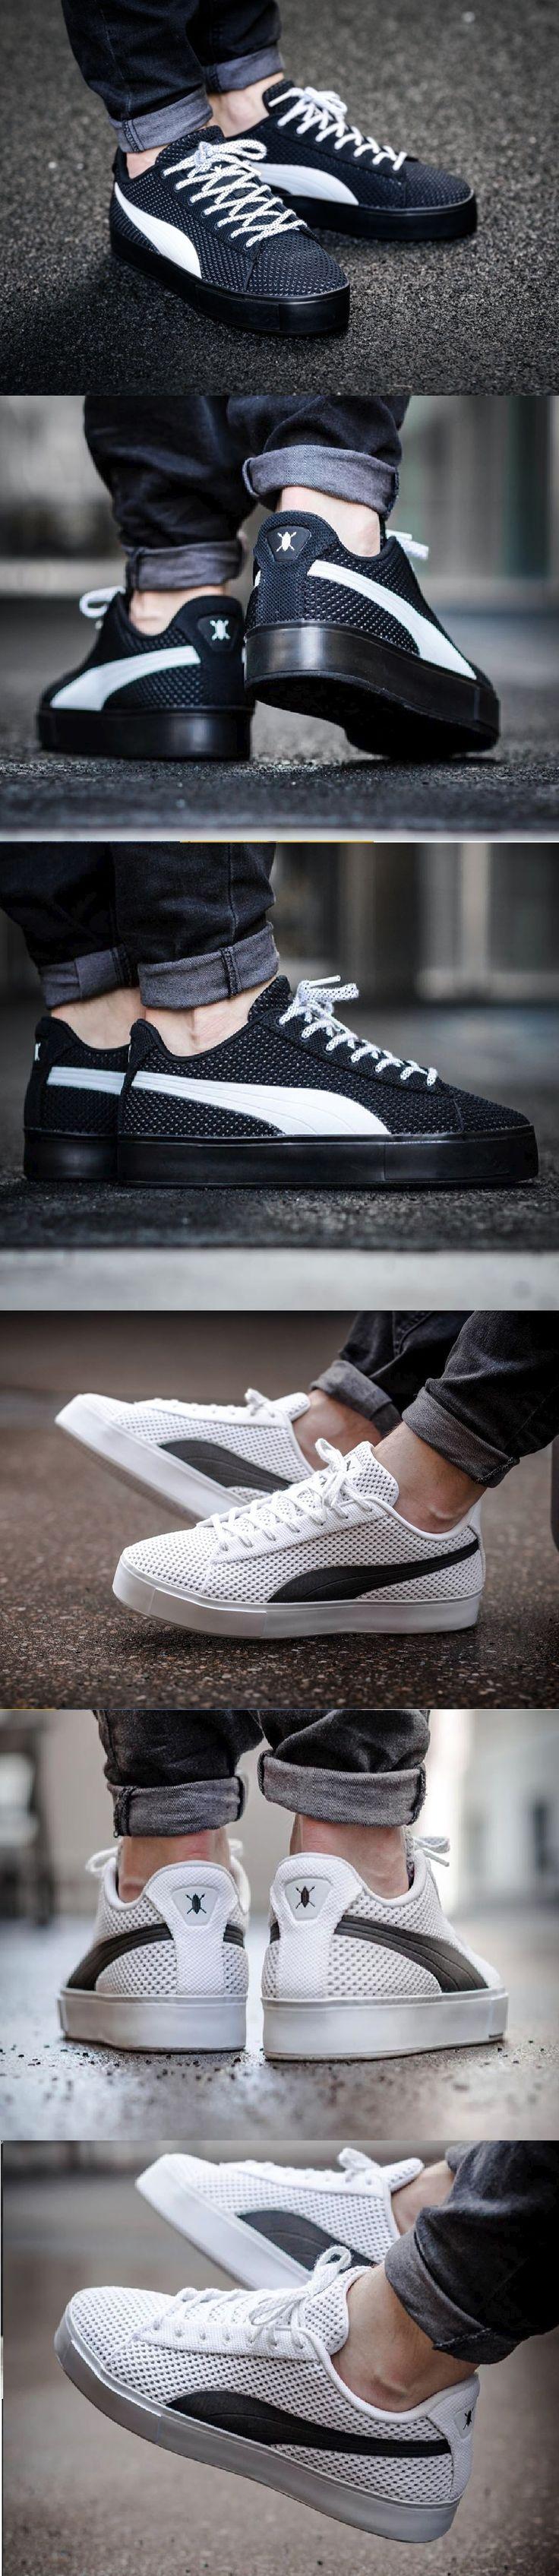 Puma Court Knit White & Black